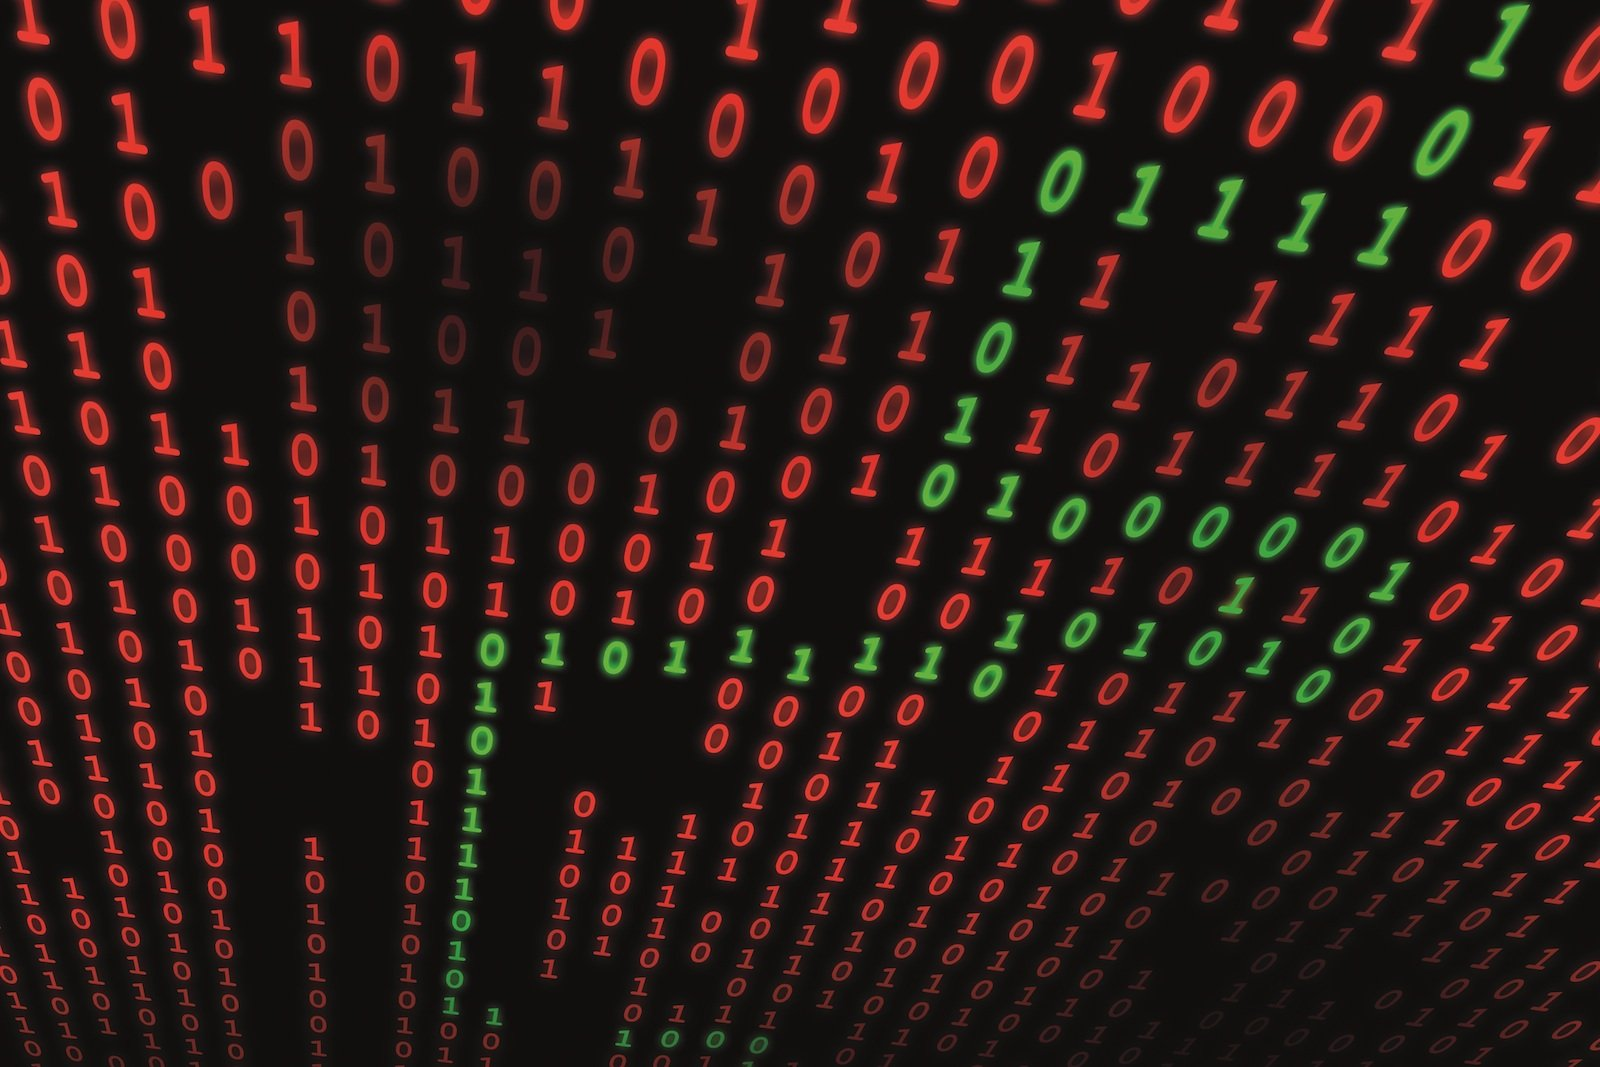 Der Chef des Fraunhofer-Instituts für Sichere Informationstechnologie in Darmstadt, Michael Waidner, fordert den Zusammenschluss kleiner IT-Unternehmen in Europa. Nur so hätten sie eine Chancegegen die übermächtige IT-Industrie Asiens und der USA zu bestehen.